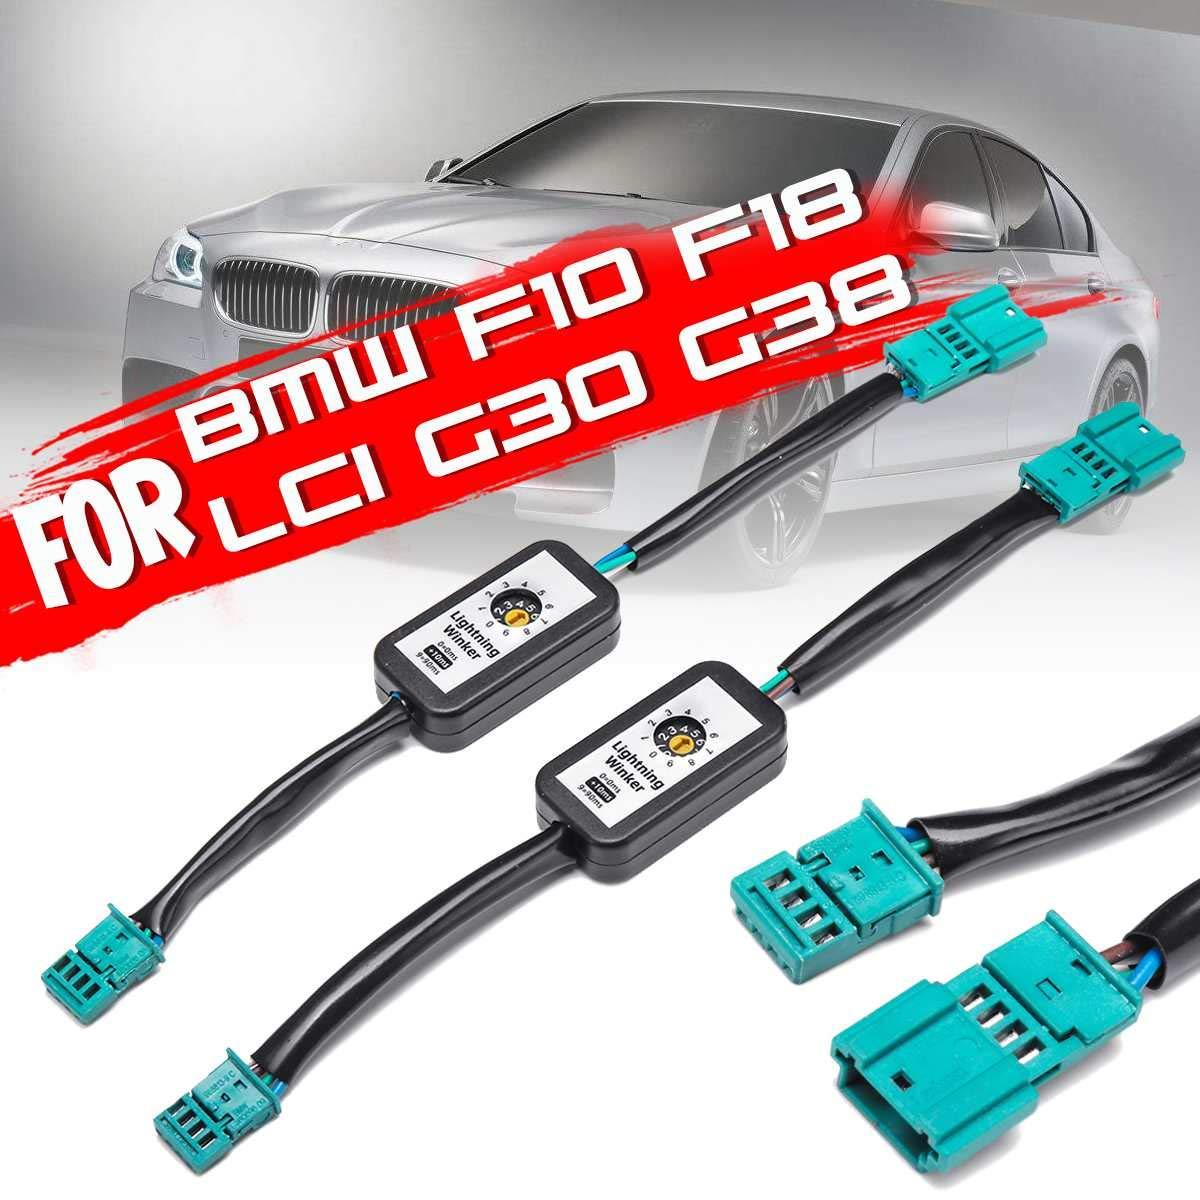 Faisceau de câbles pour BMW F10 F18 Lci G30 G38illight   Signal de retournement dynamique gauche et droit, Module dessayage pour feu arrière